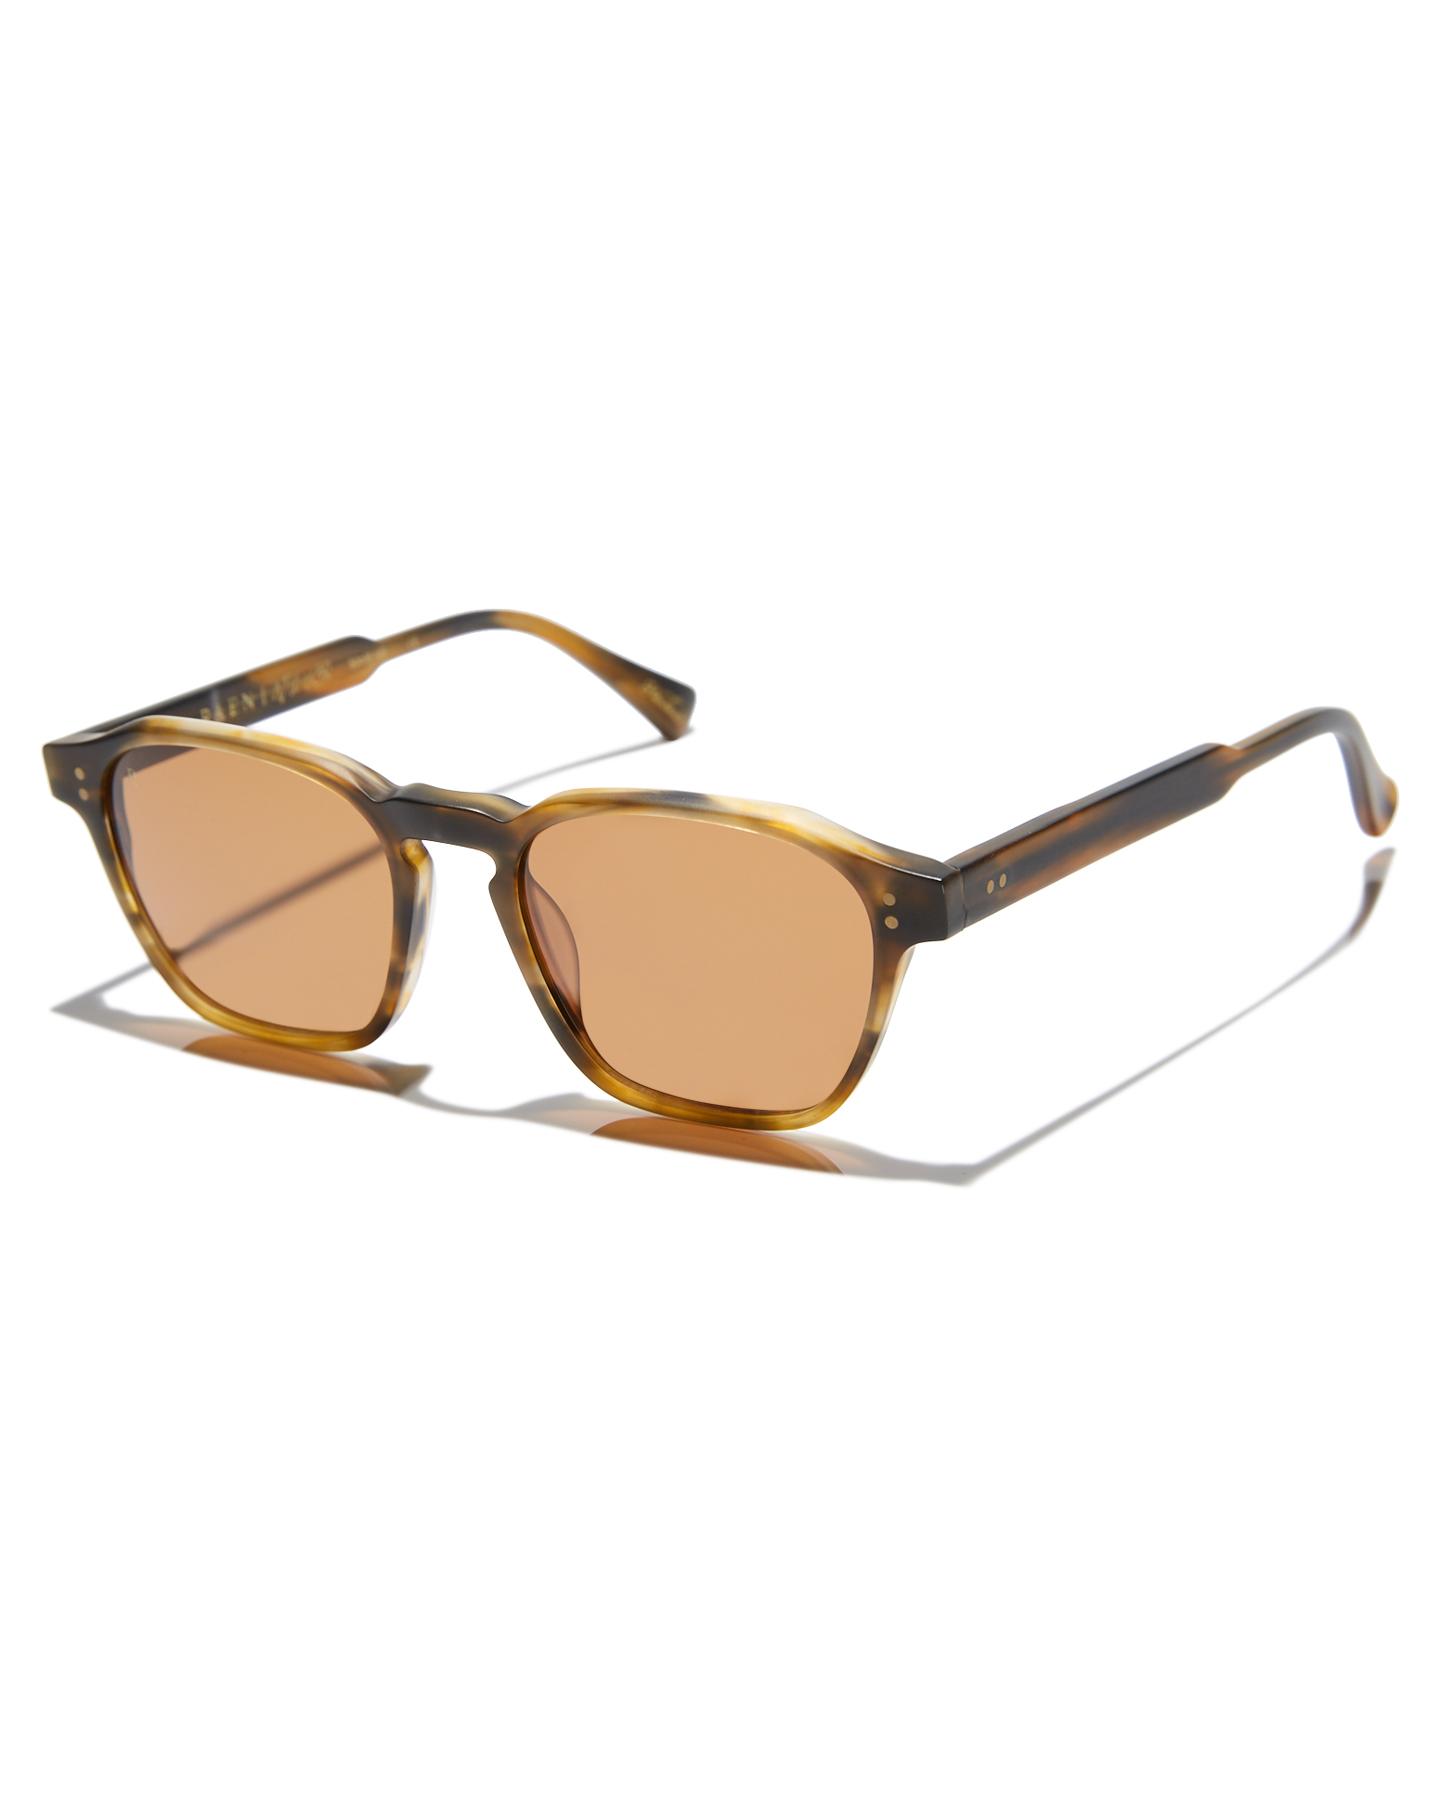 Raen Aren 53 Sunglasses Matte Sand Dune Matte Sand Dune